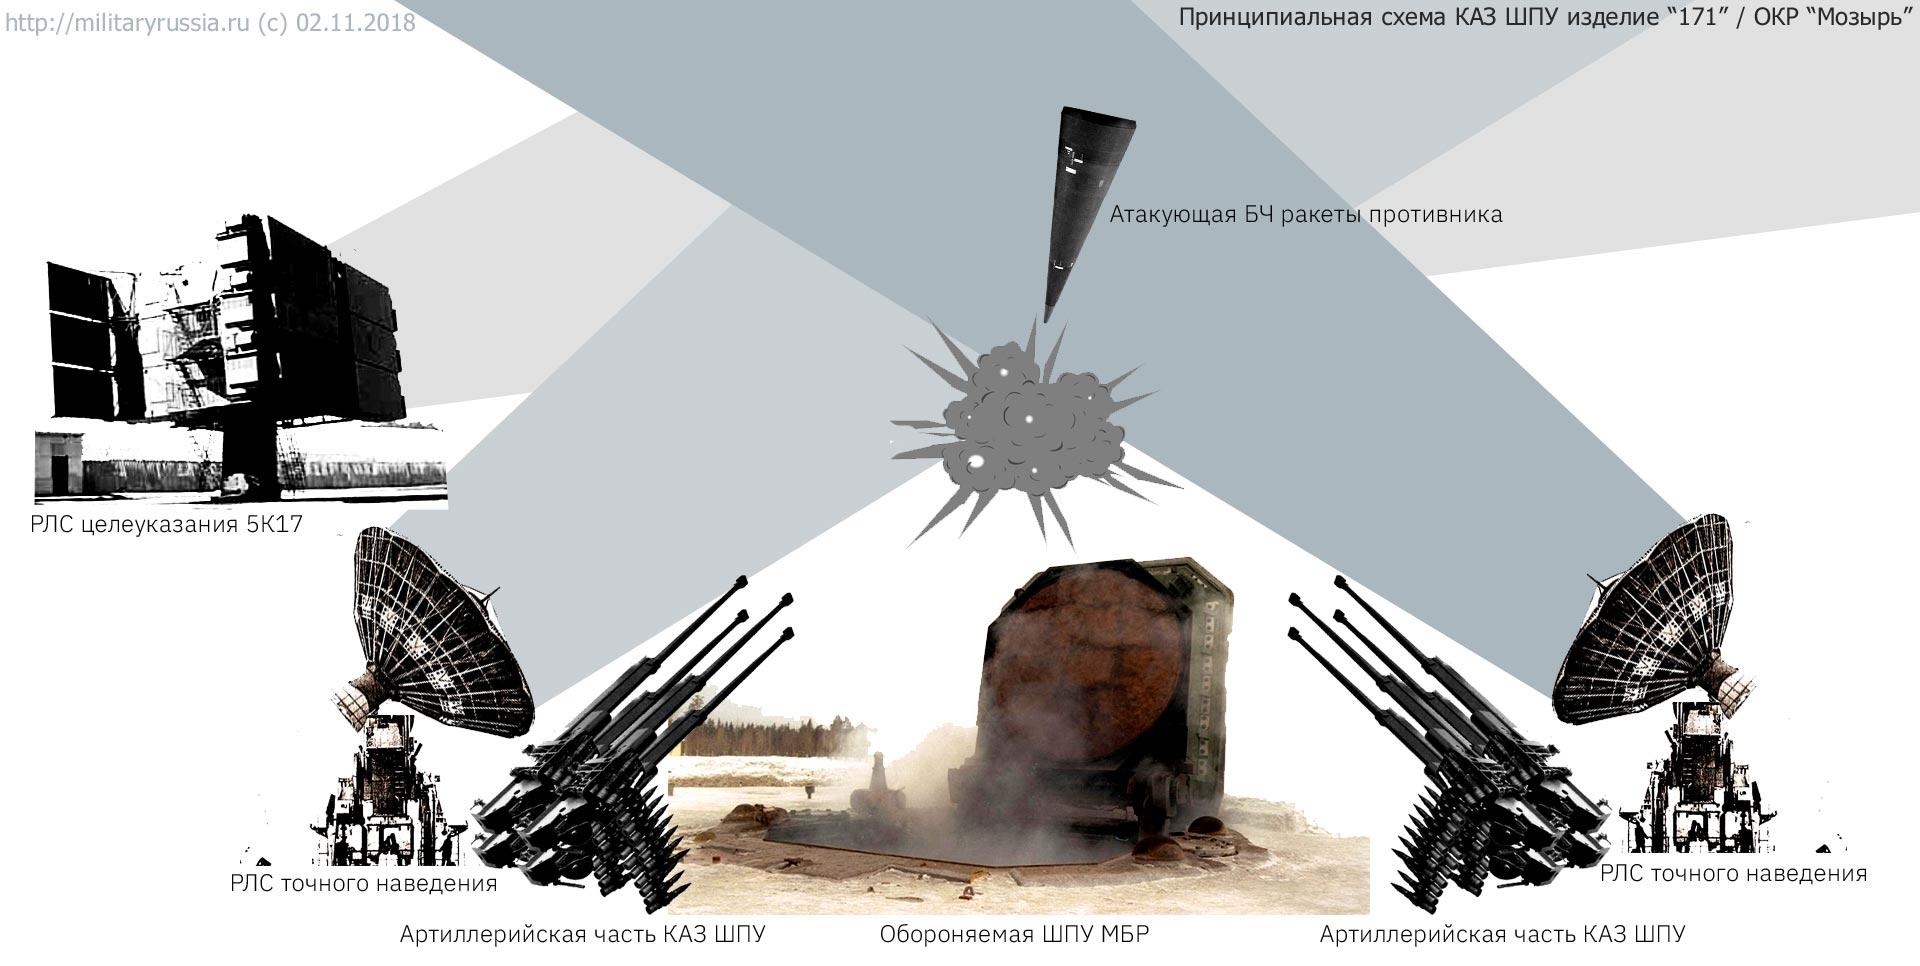 Принципиальная схема комплекса активной защиты ШПУ МБР изделие